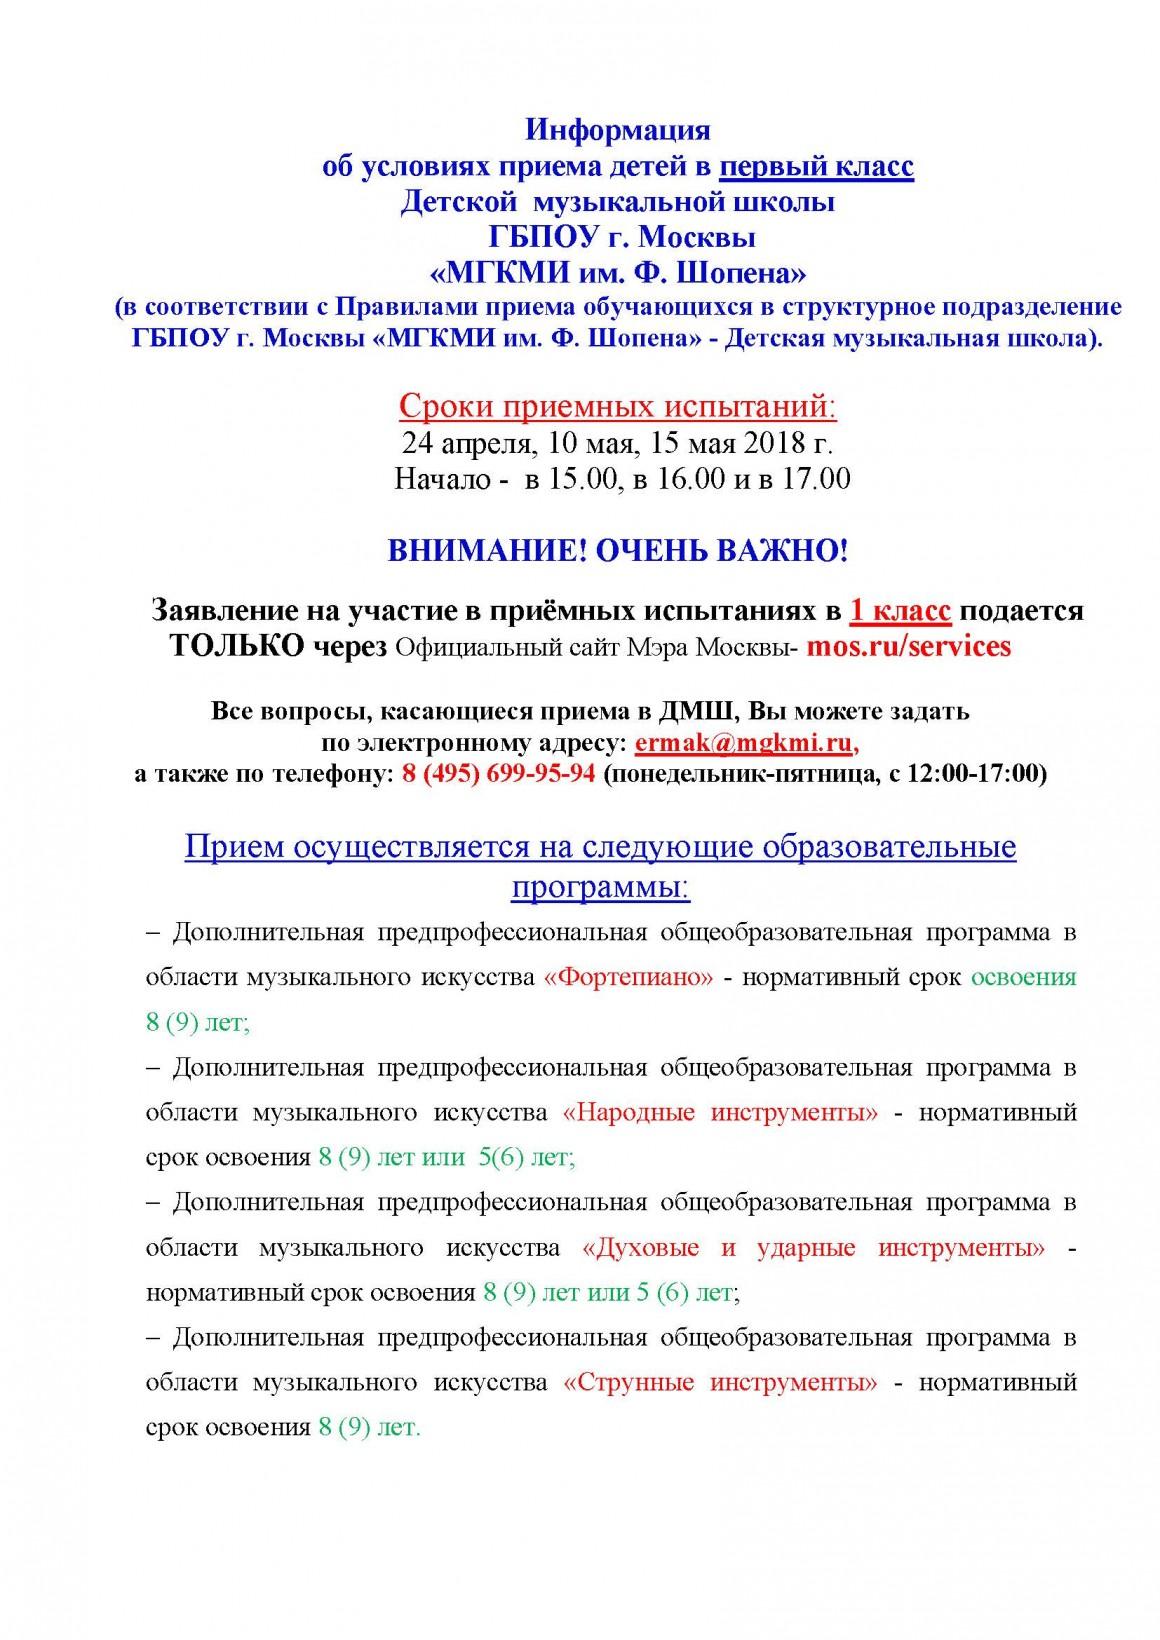 Информация по ПРИЕМУ 2018 на сайт доработано (1)_Страница_1